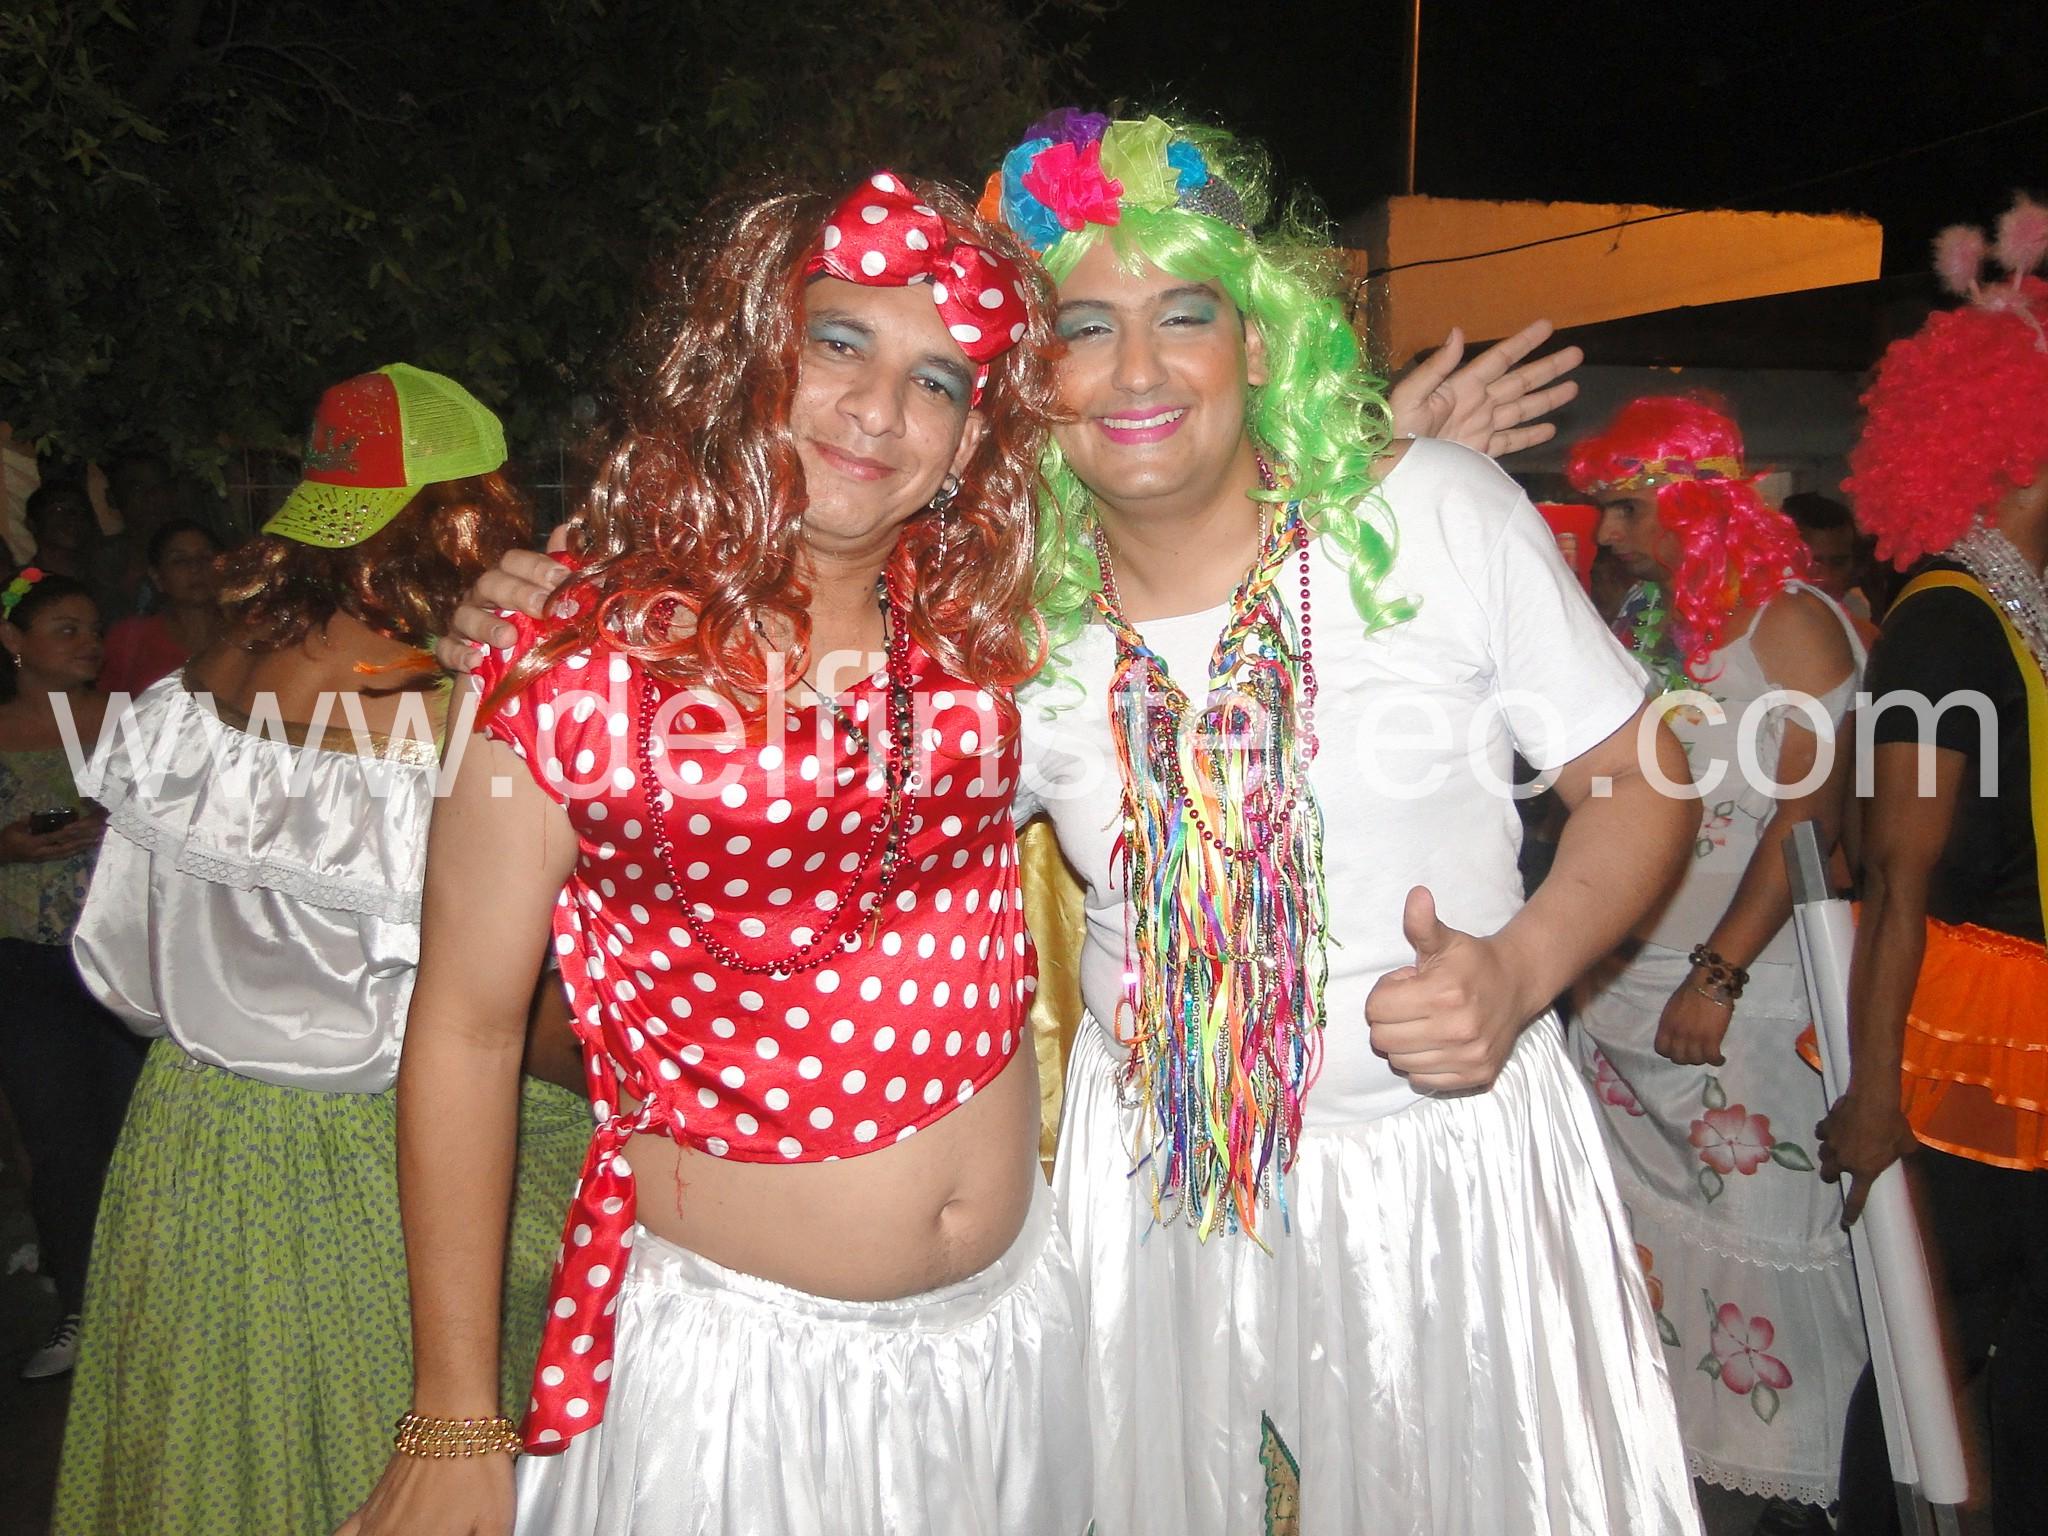 Hombres vestidos de mujer carnaval